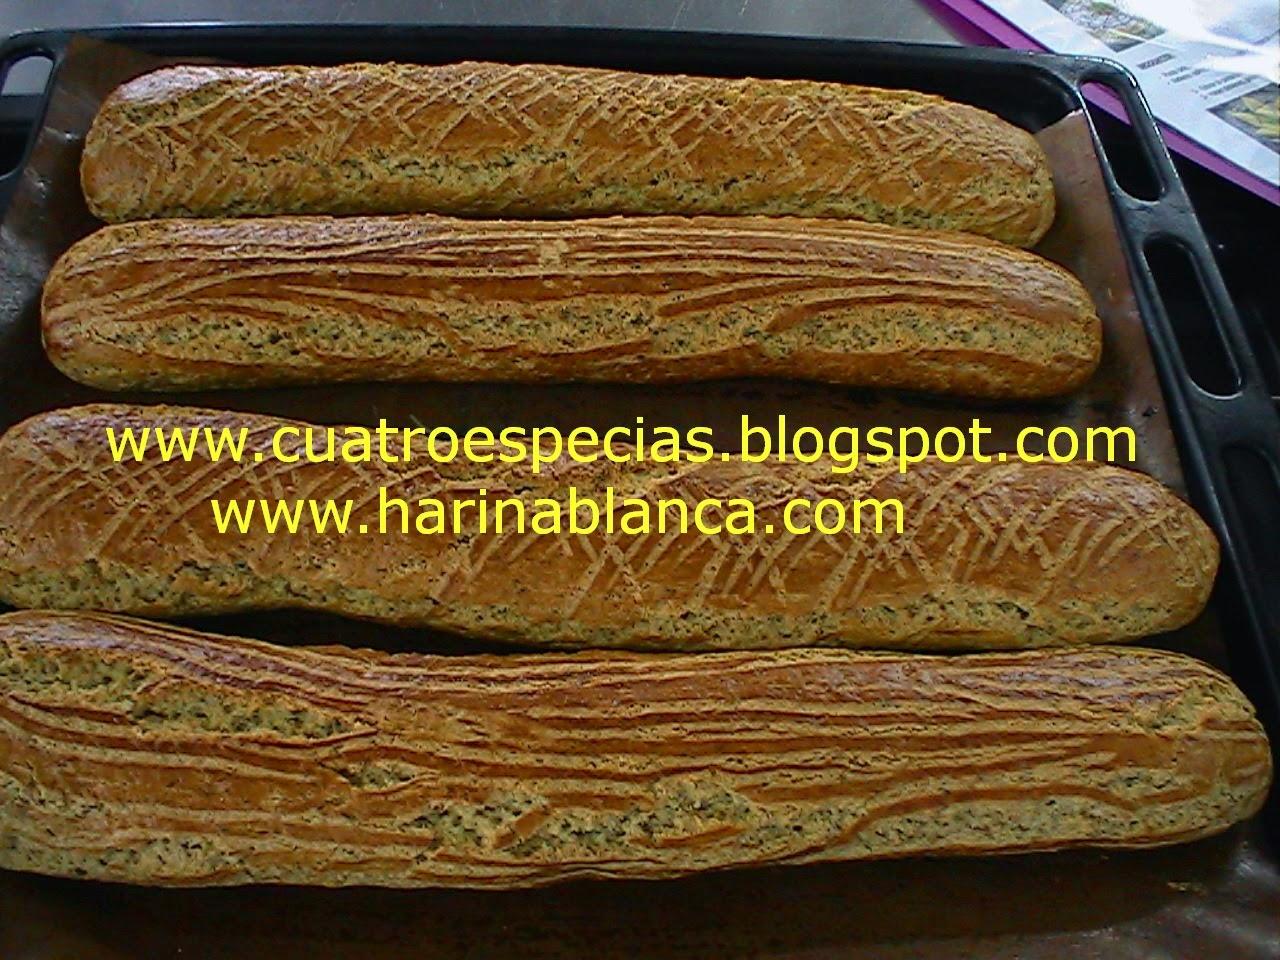 www.cuatroespecias.blogdpot.com. fakas